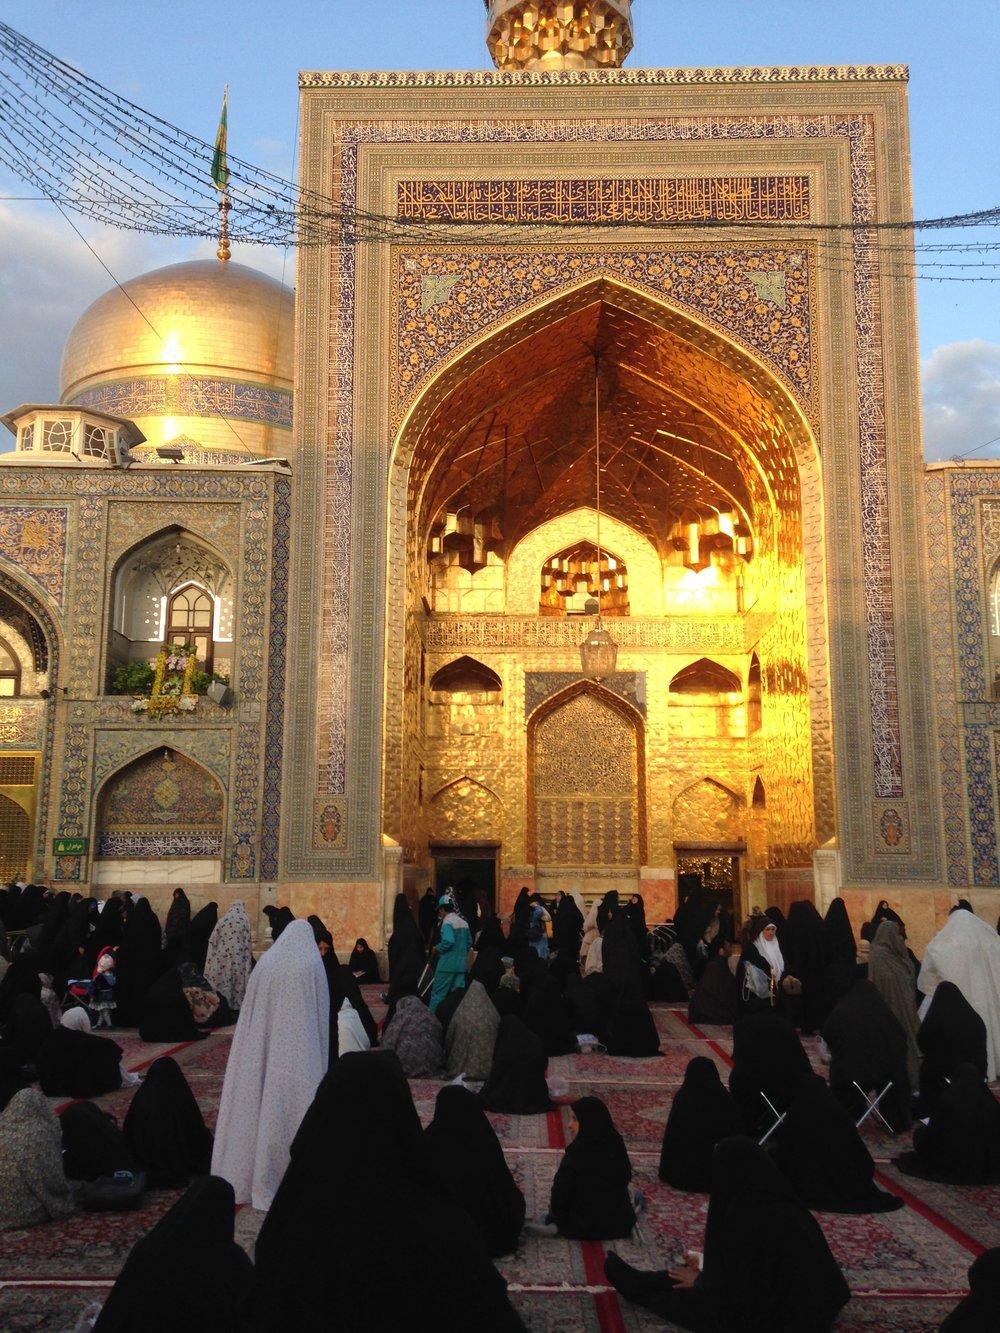 Shrine of Imam Reva DAWN shot GOLDEN.jpg